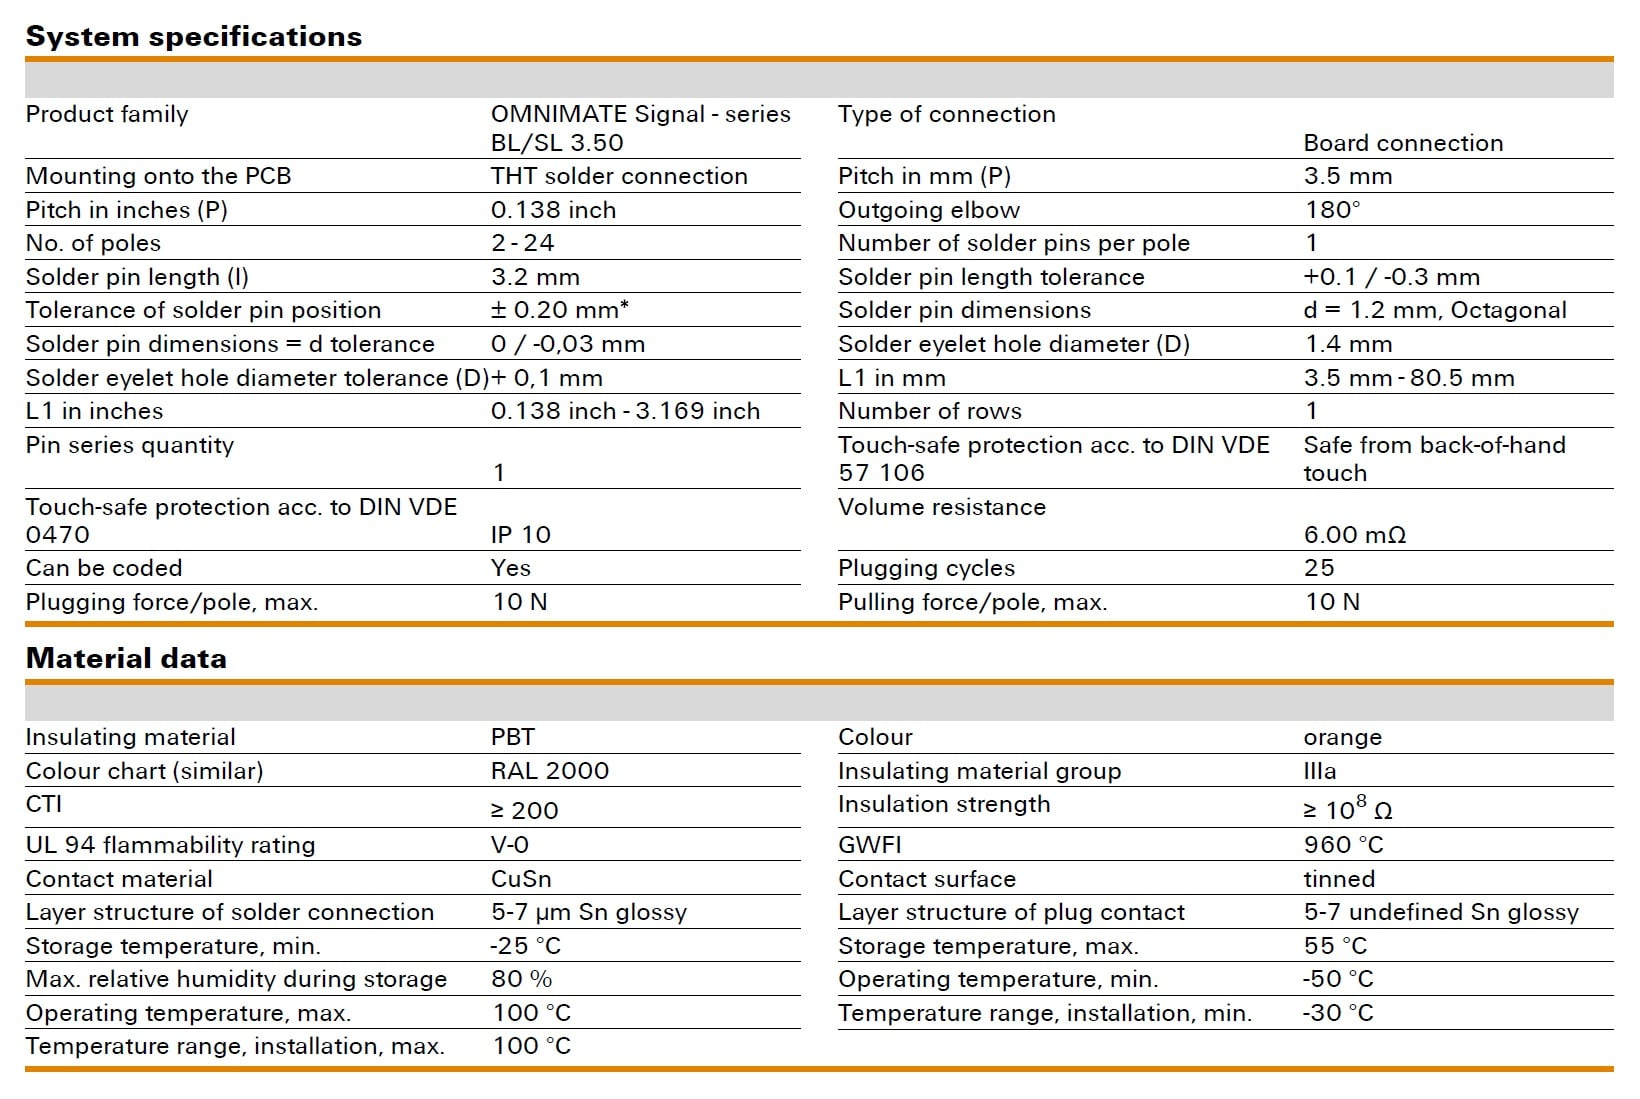 Weidmüller SL 3.50/180G Specifications